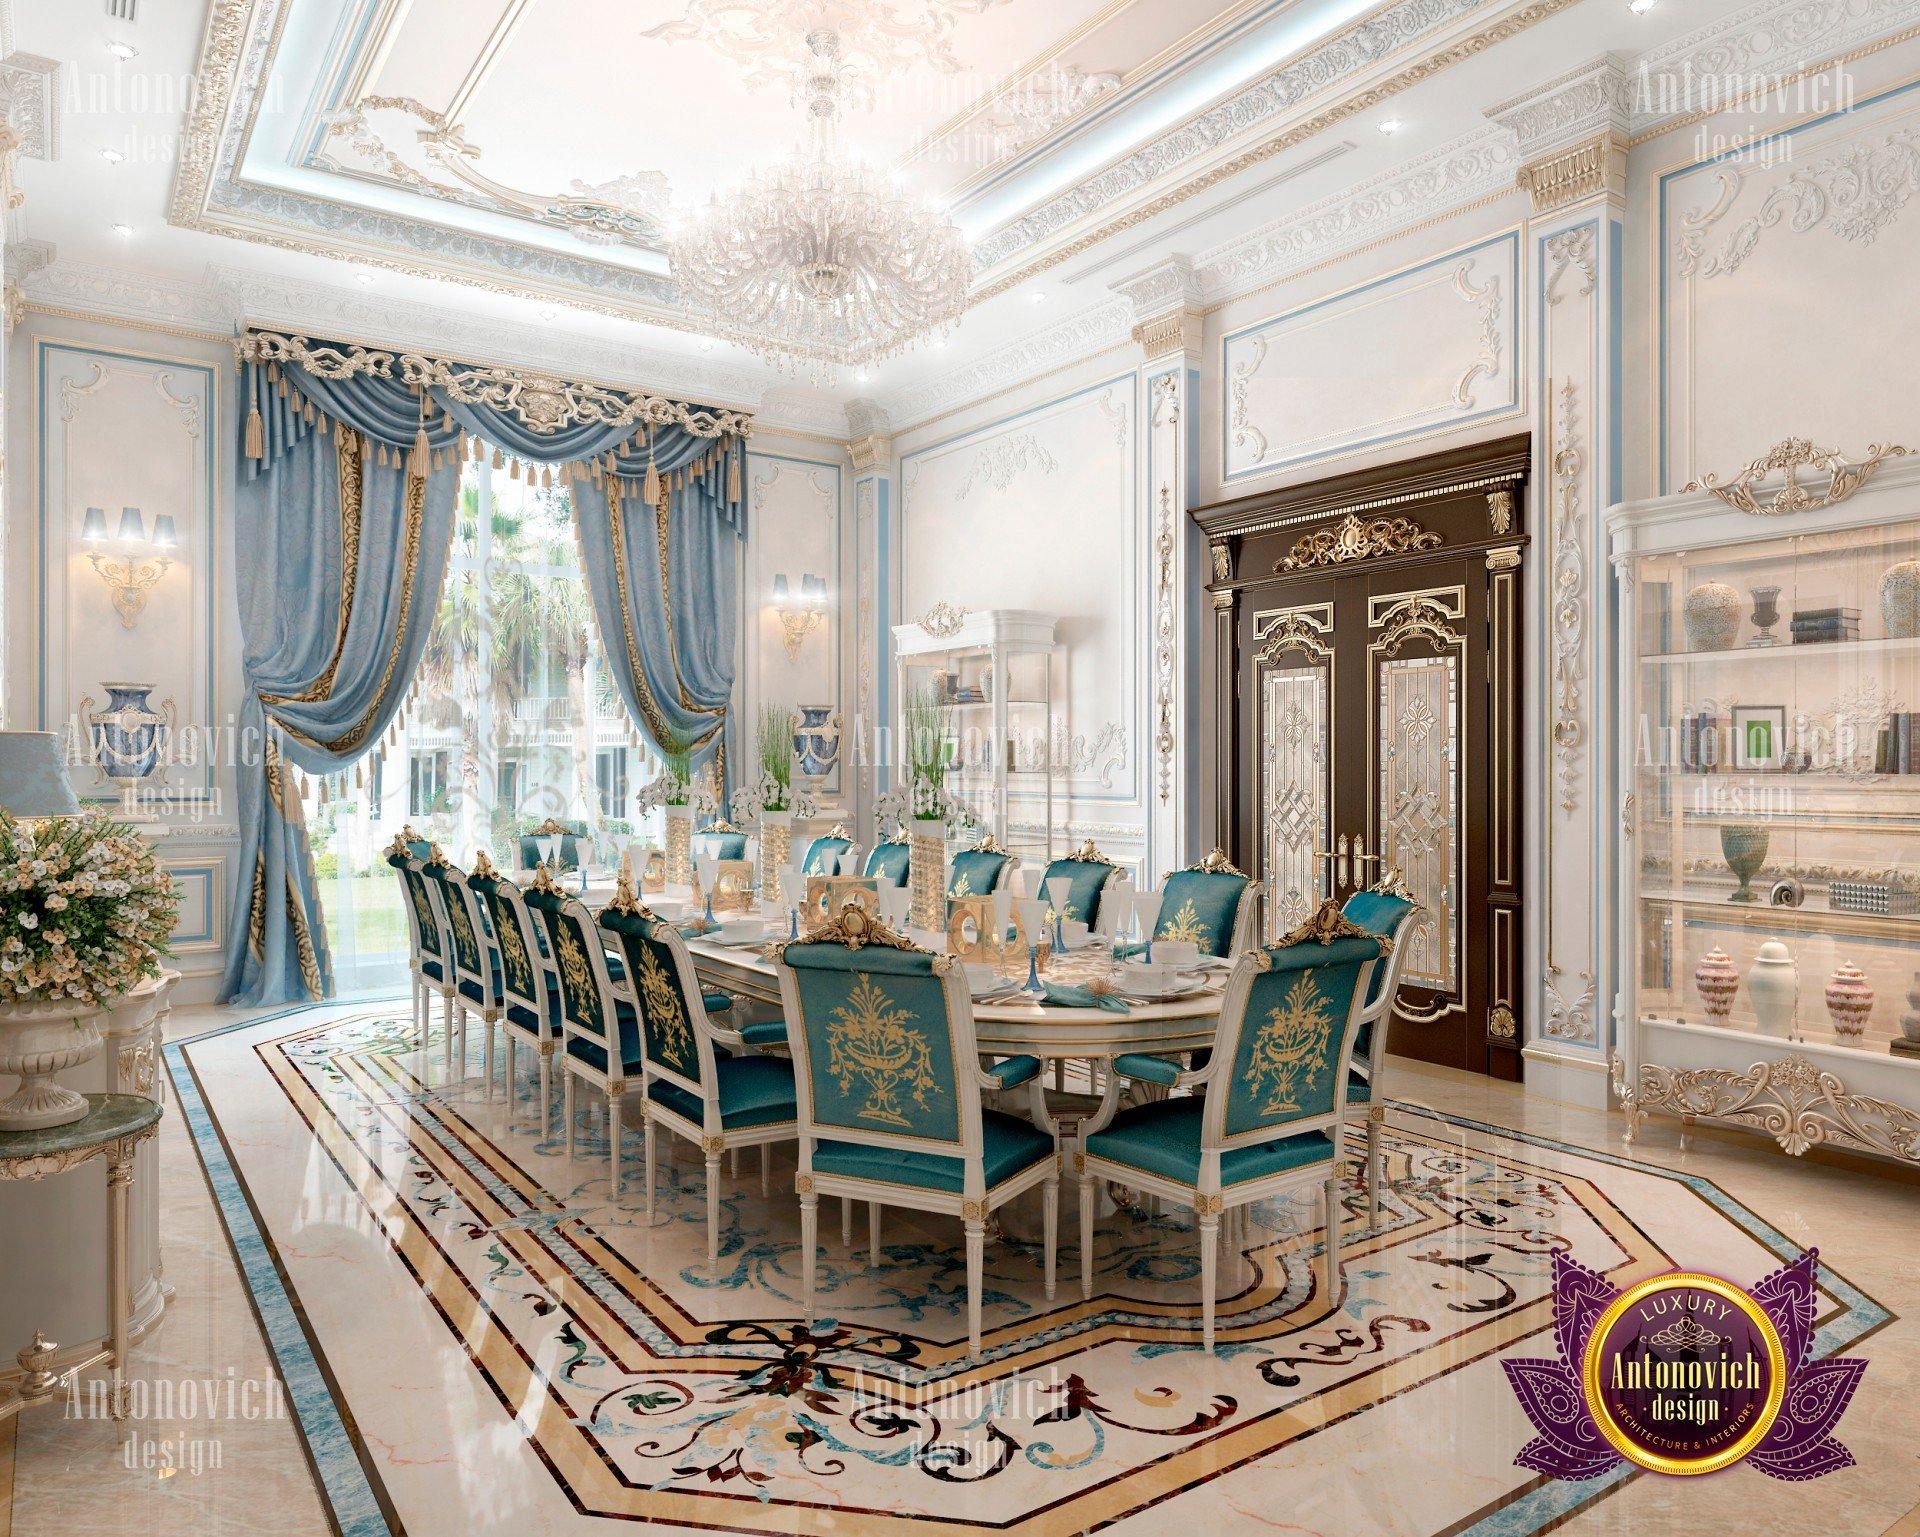 Villas Interior Saudi Arabia